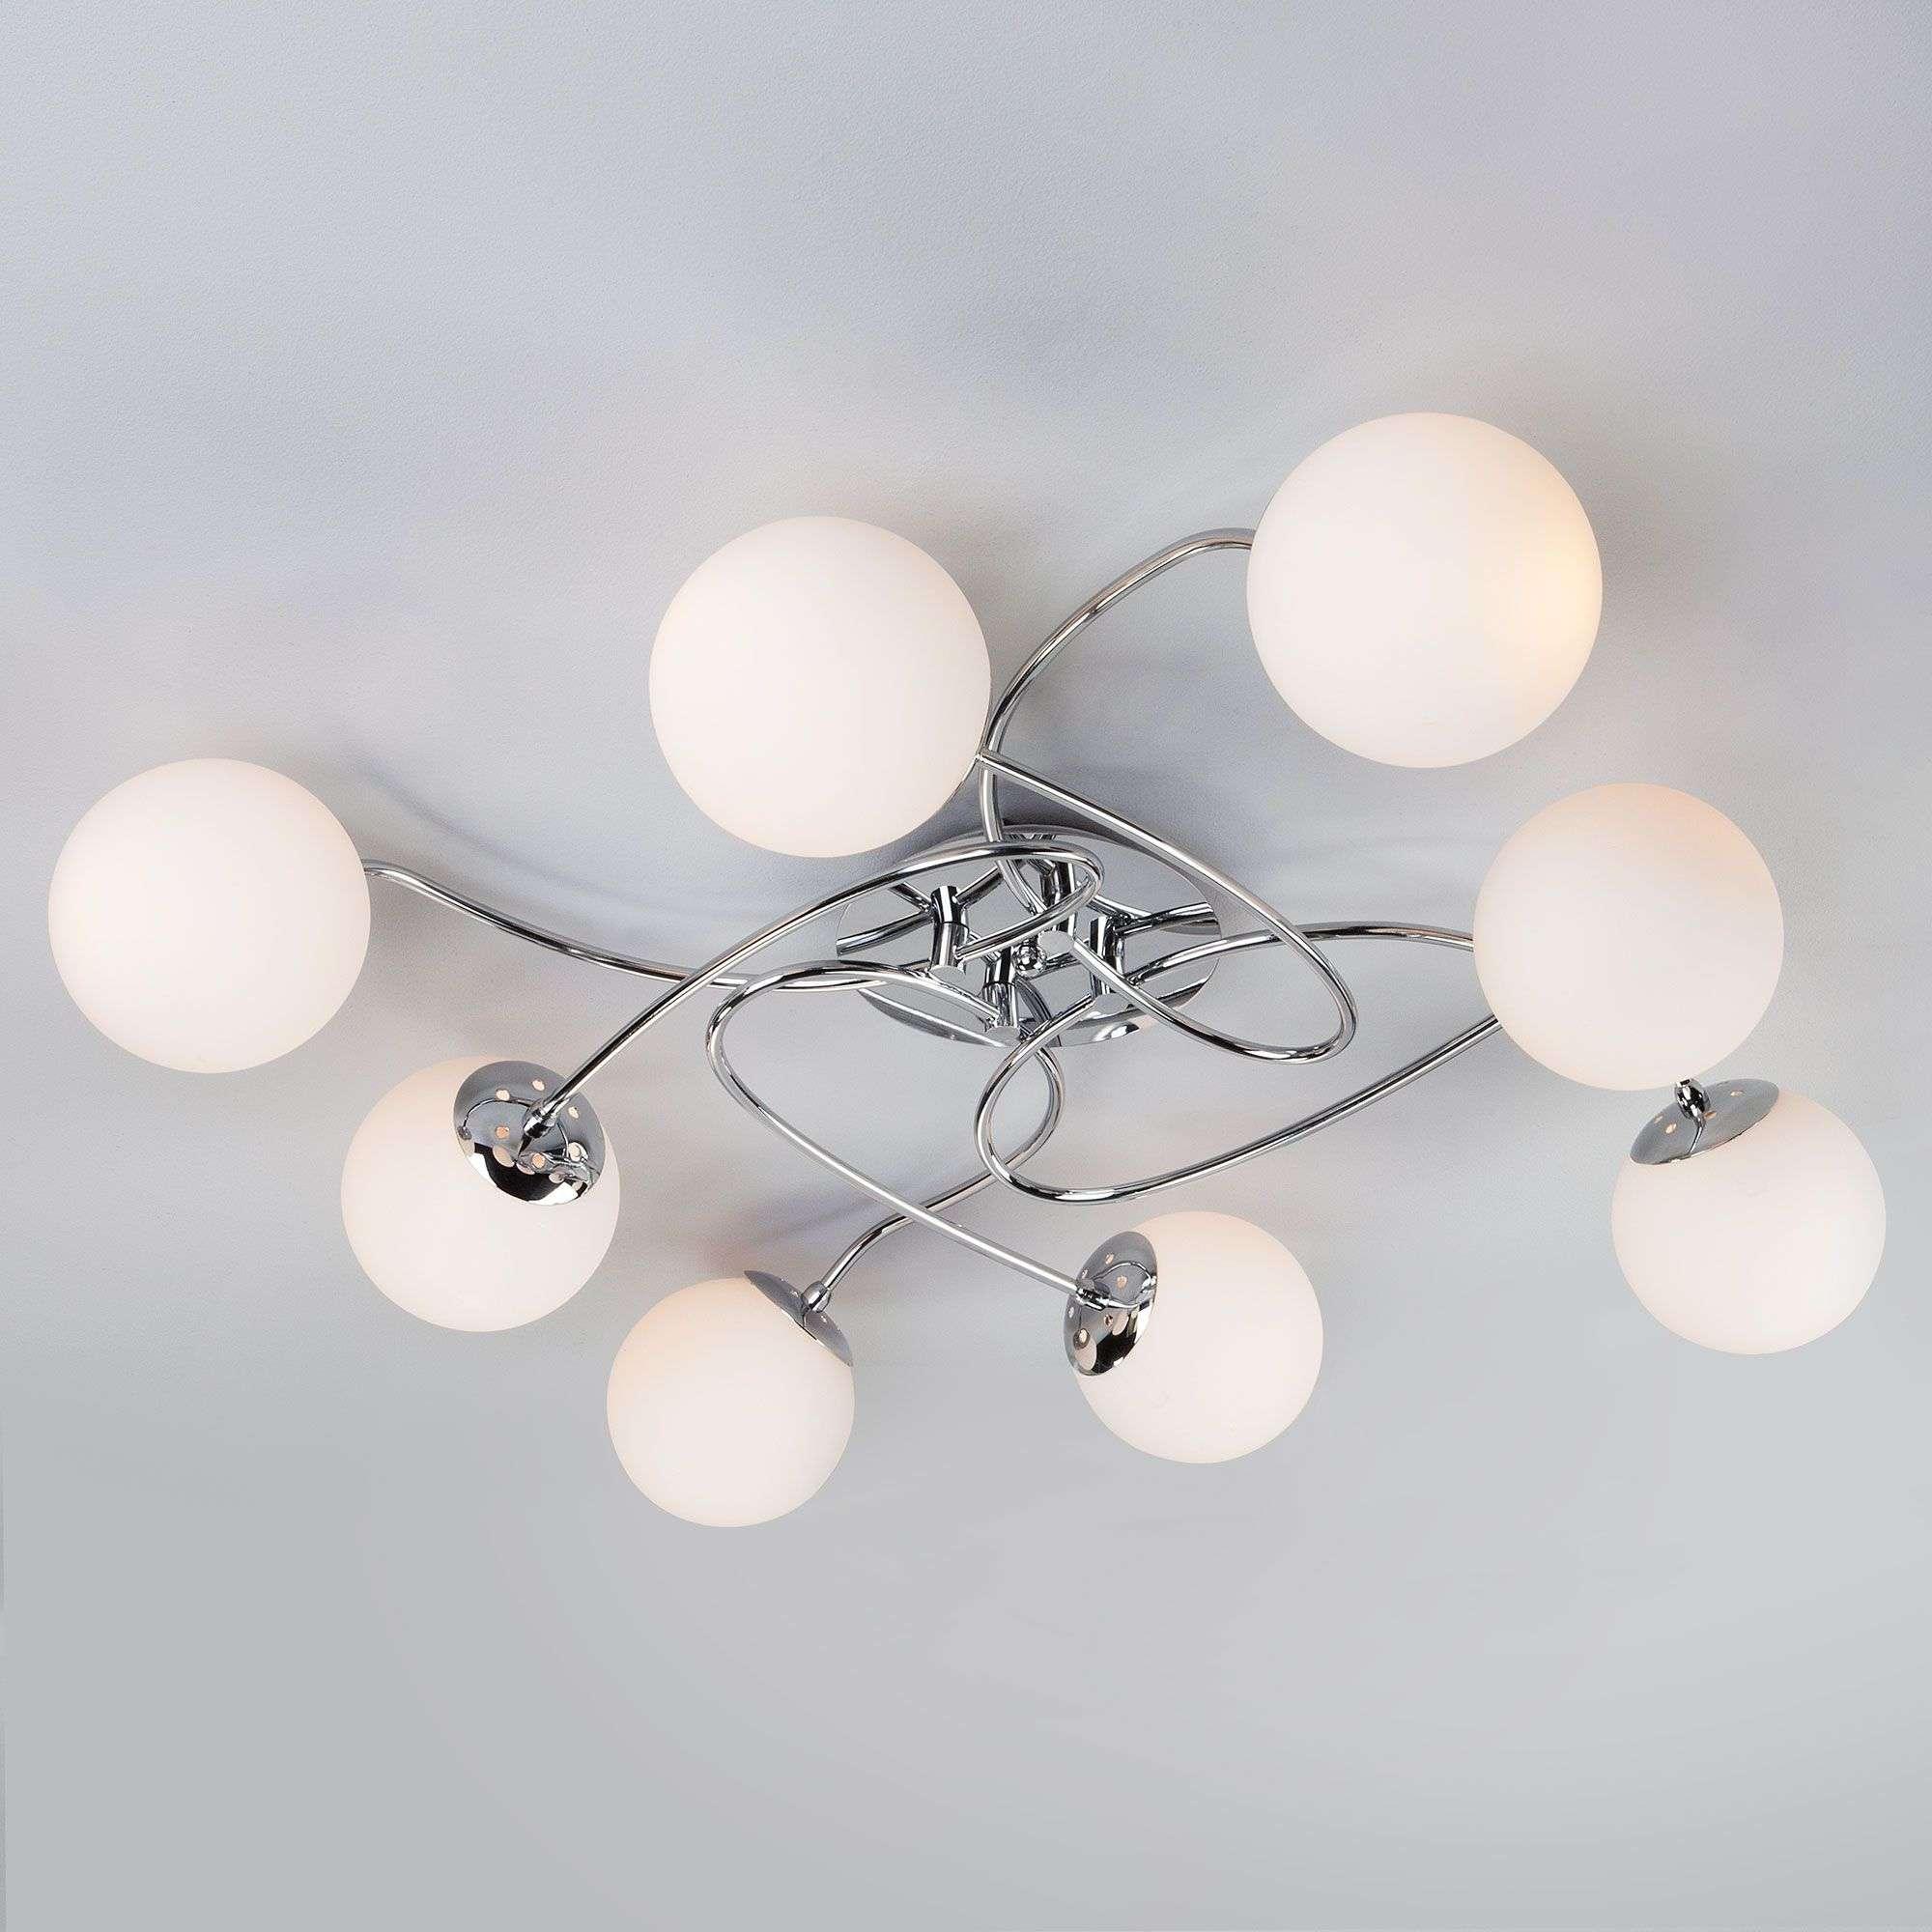 Потолочный светильник с круглыми плафонами 30129/8 хром